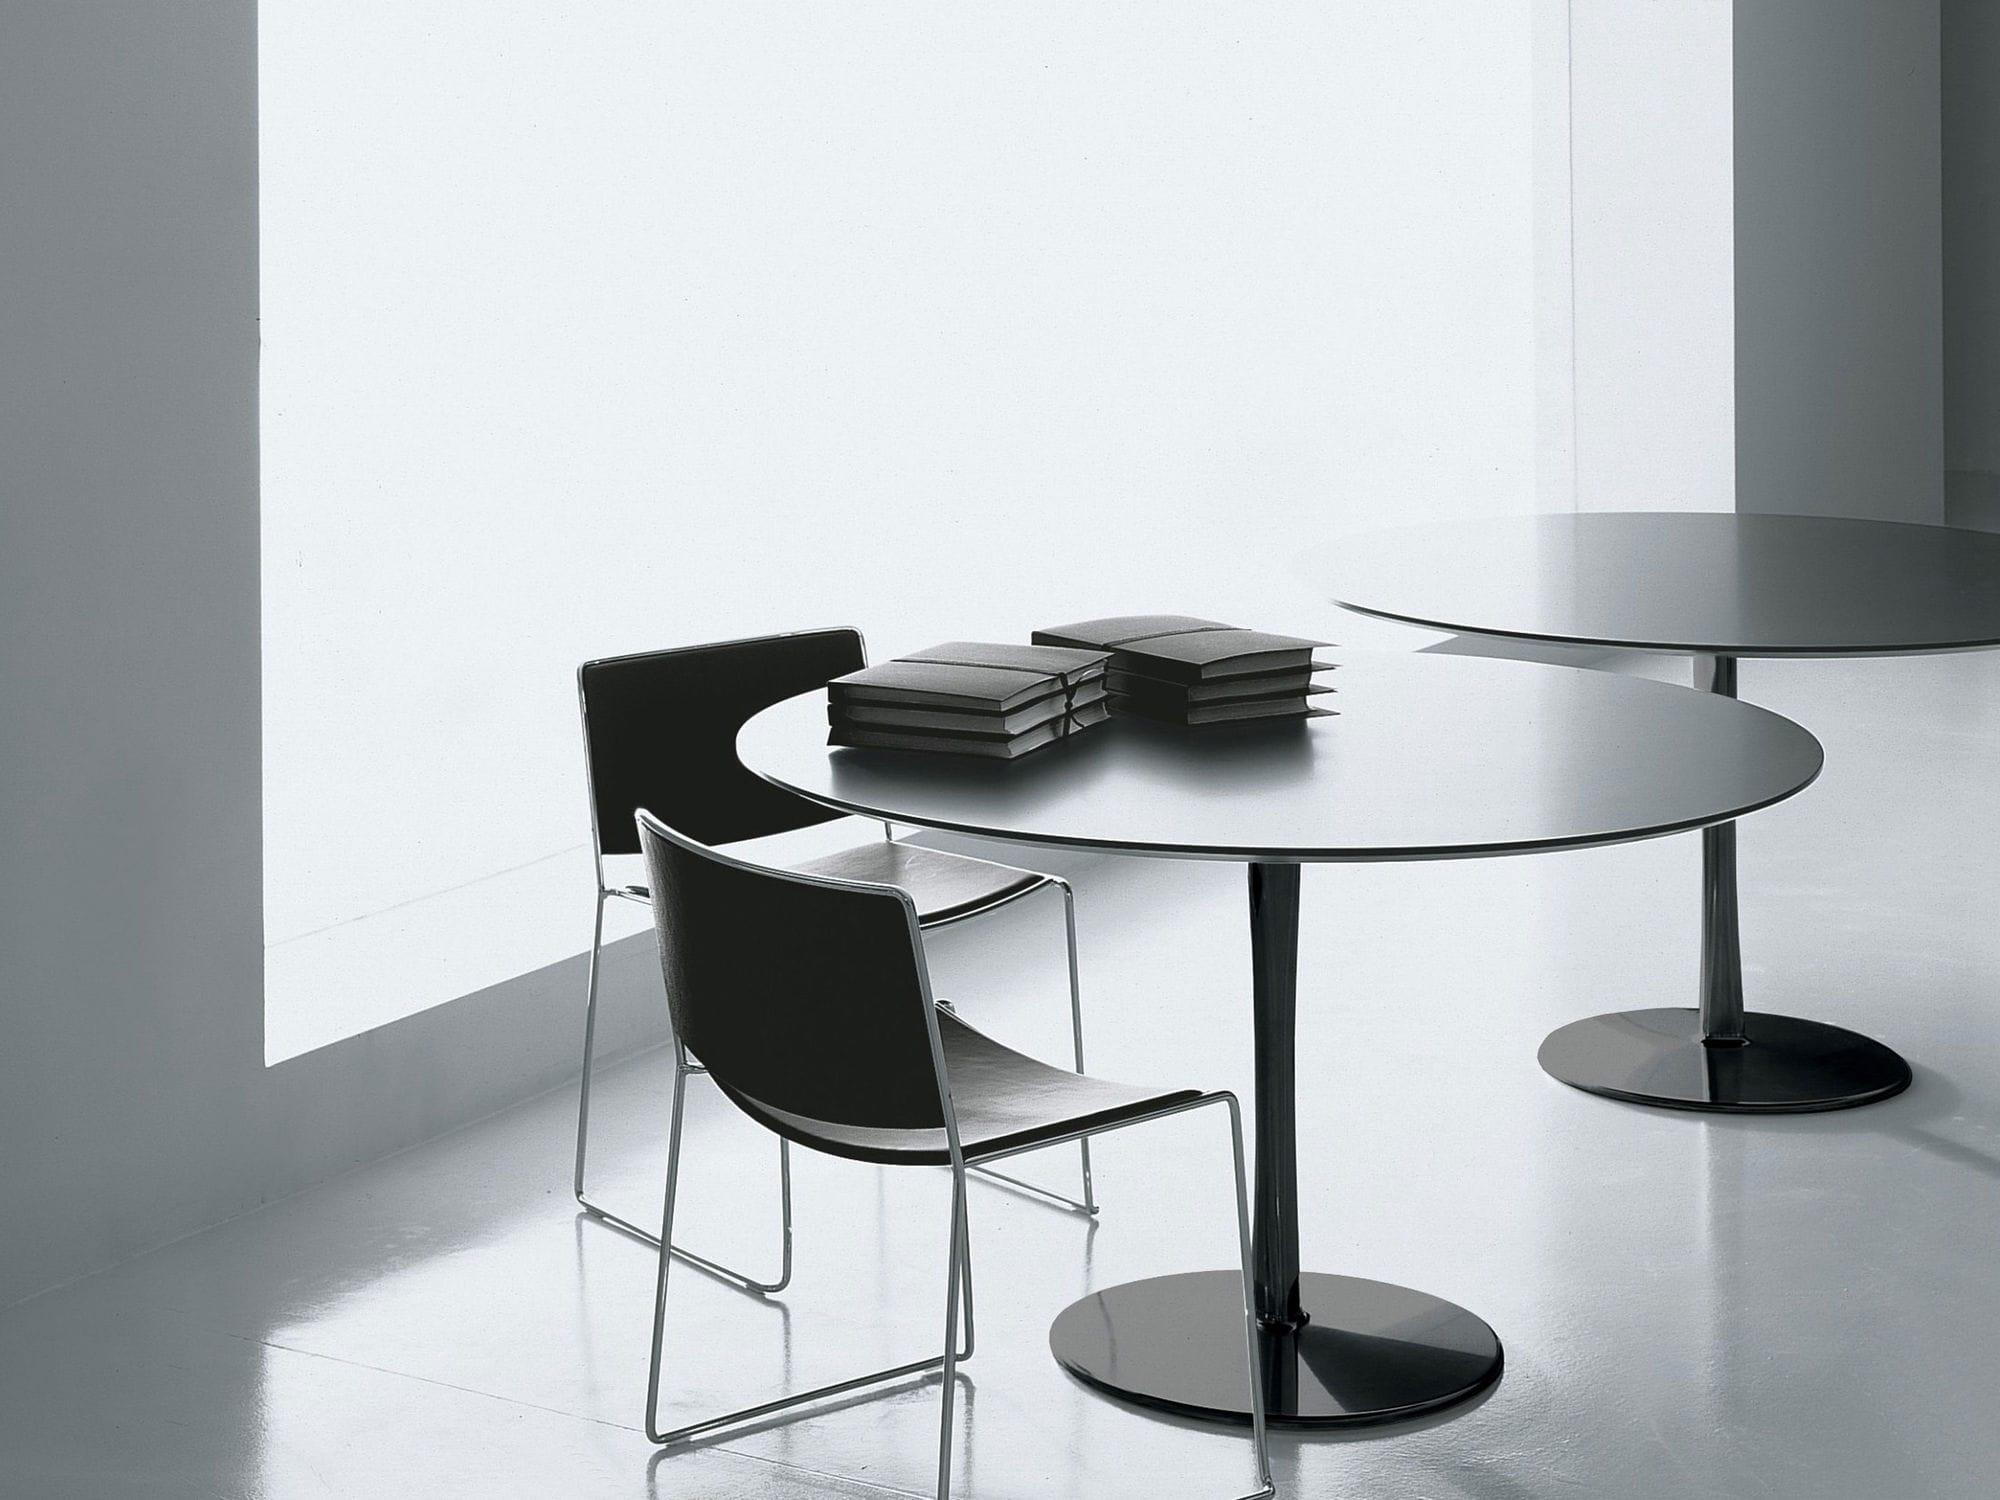 Tisch design rund  Moderner Tisch / lackiertes Aluminium / Aluminium / rund - JOIN by ...